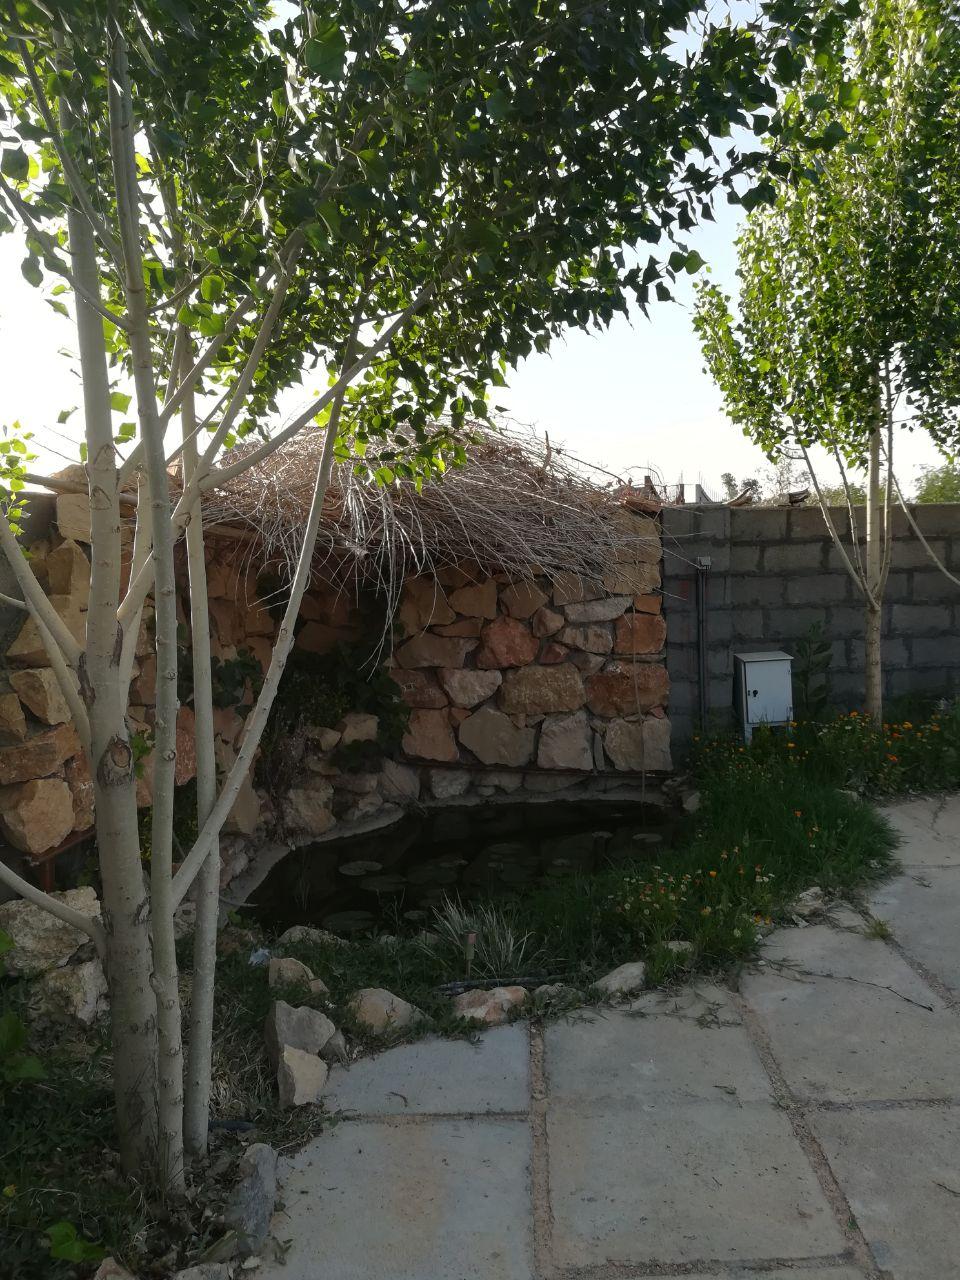 ویلا باغ 4 خوابه با استخر روباز